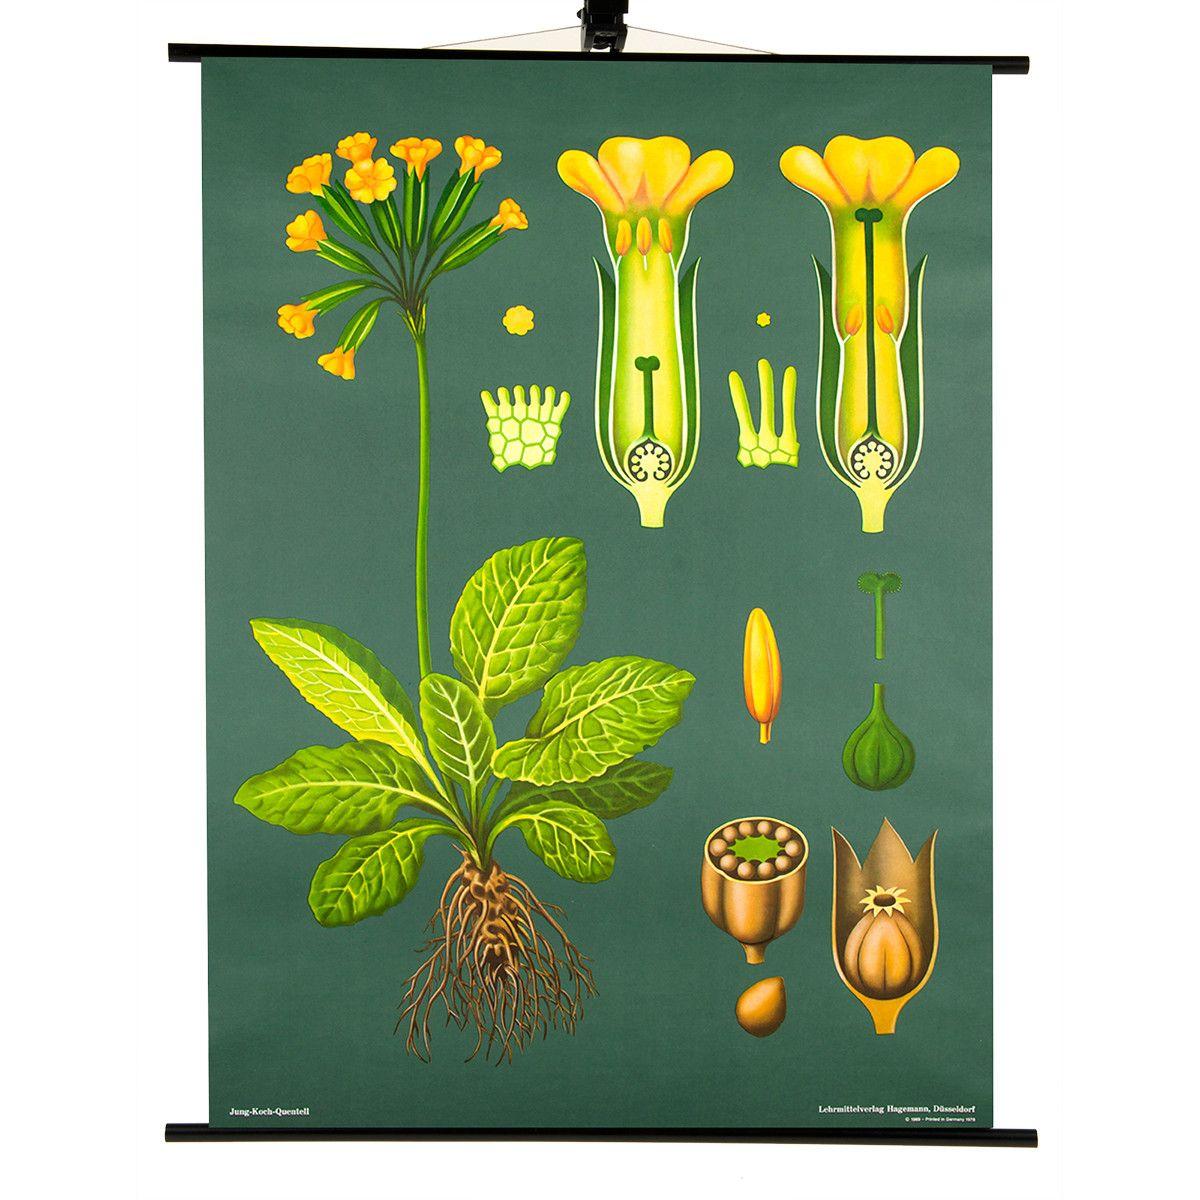 Cowslip Print Jung-Koch-Quentell | Science | Pinterest | Plantas